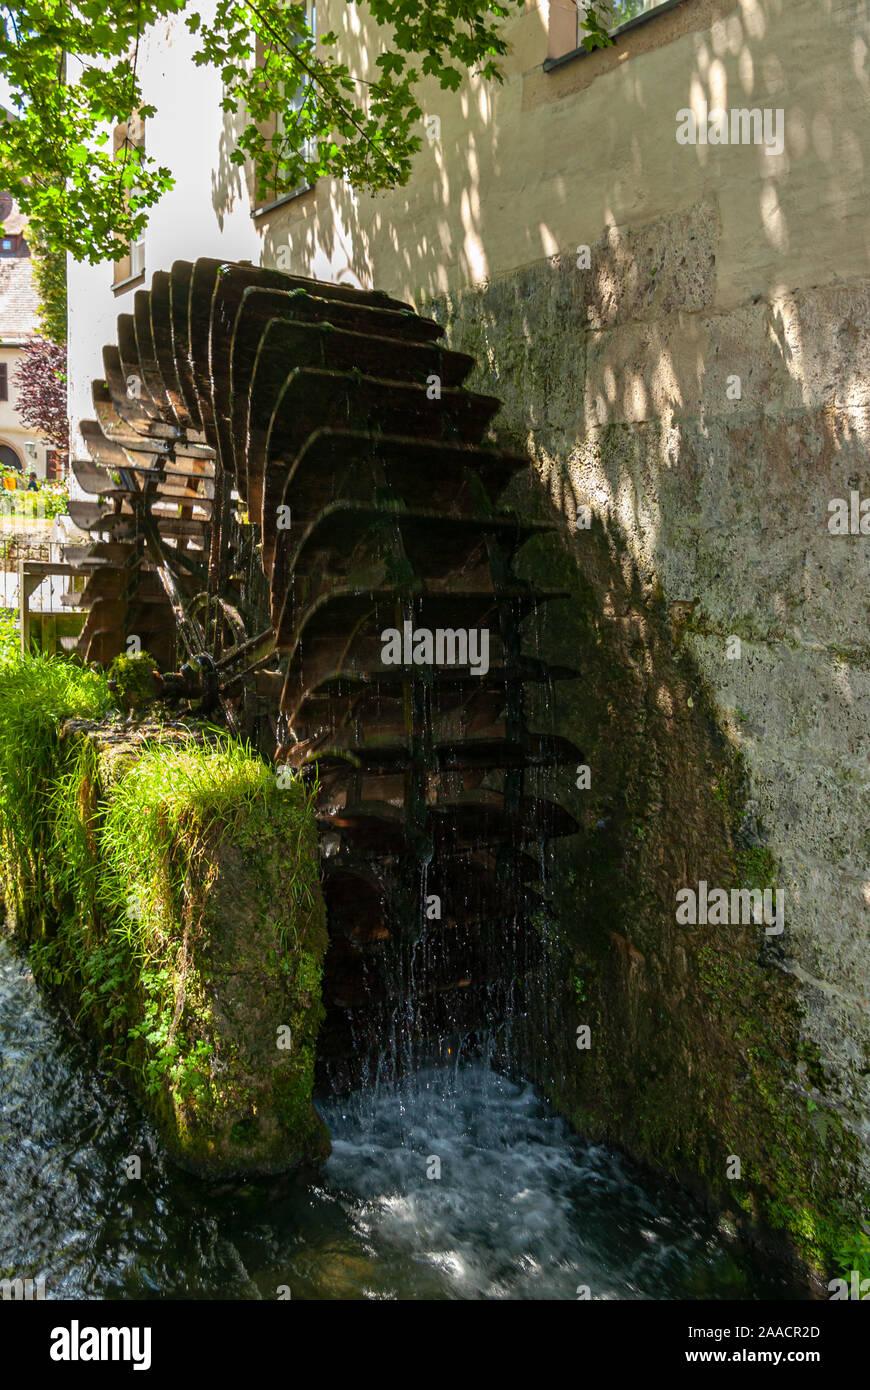 Alte historische Wasserrad an der ehemaligen Kreuzgang Mühle in Bad Urach, Schwäbische Alb, Baden-Württemberg, Deutschland. Stockfoto